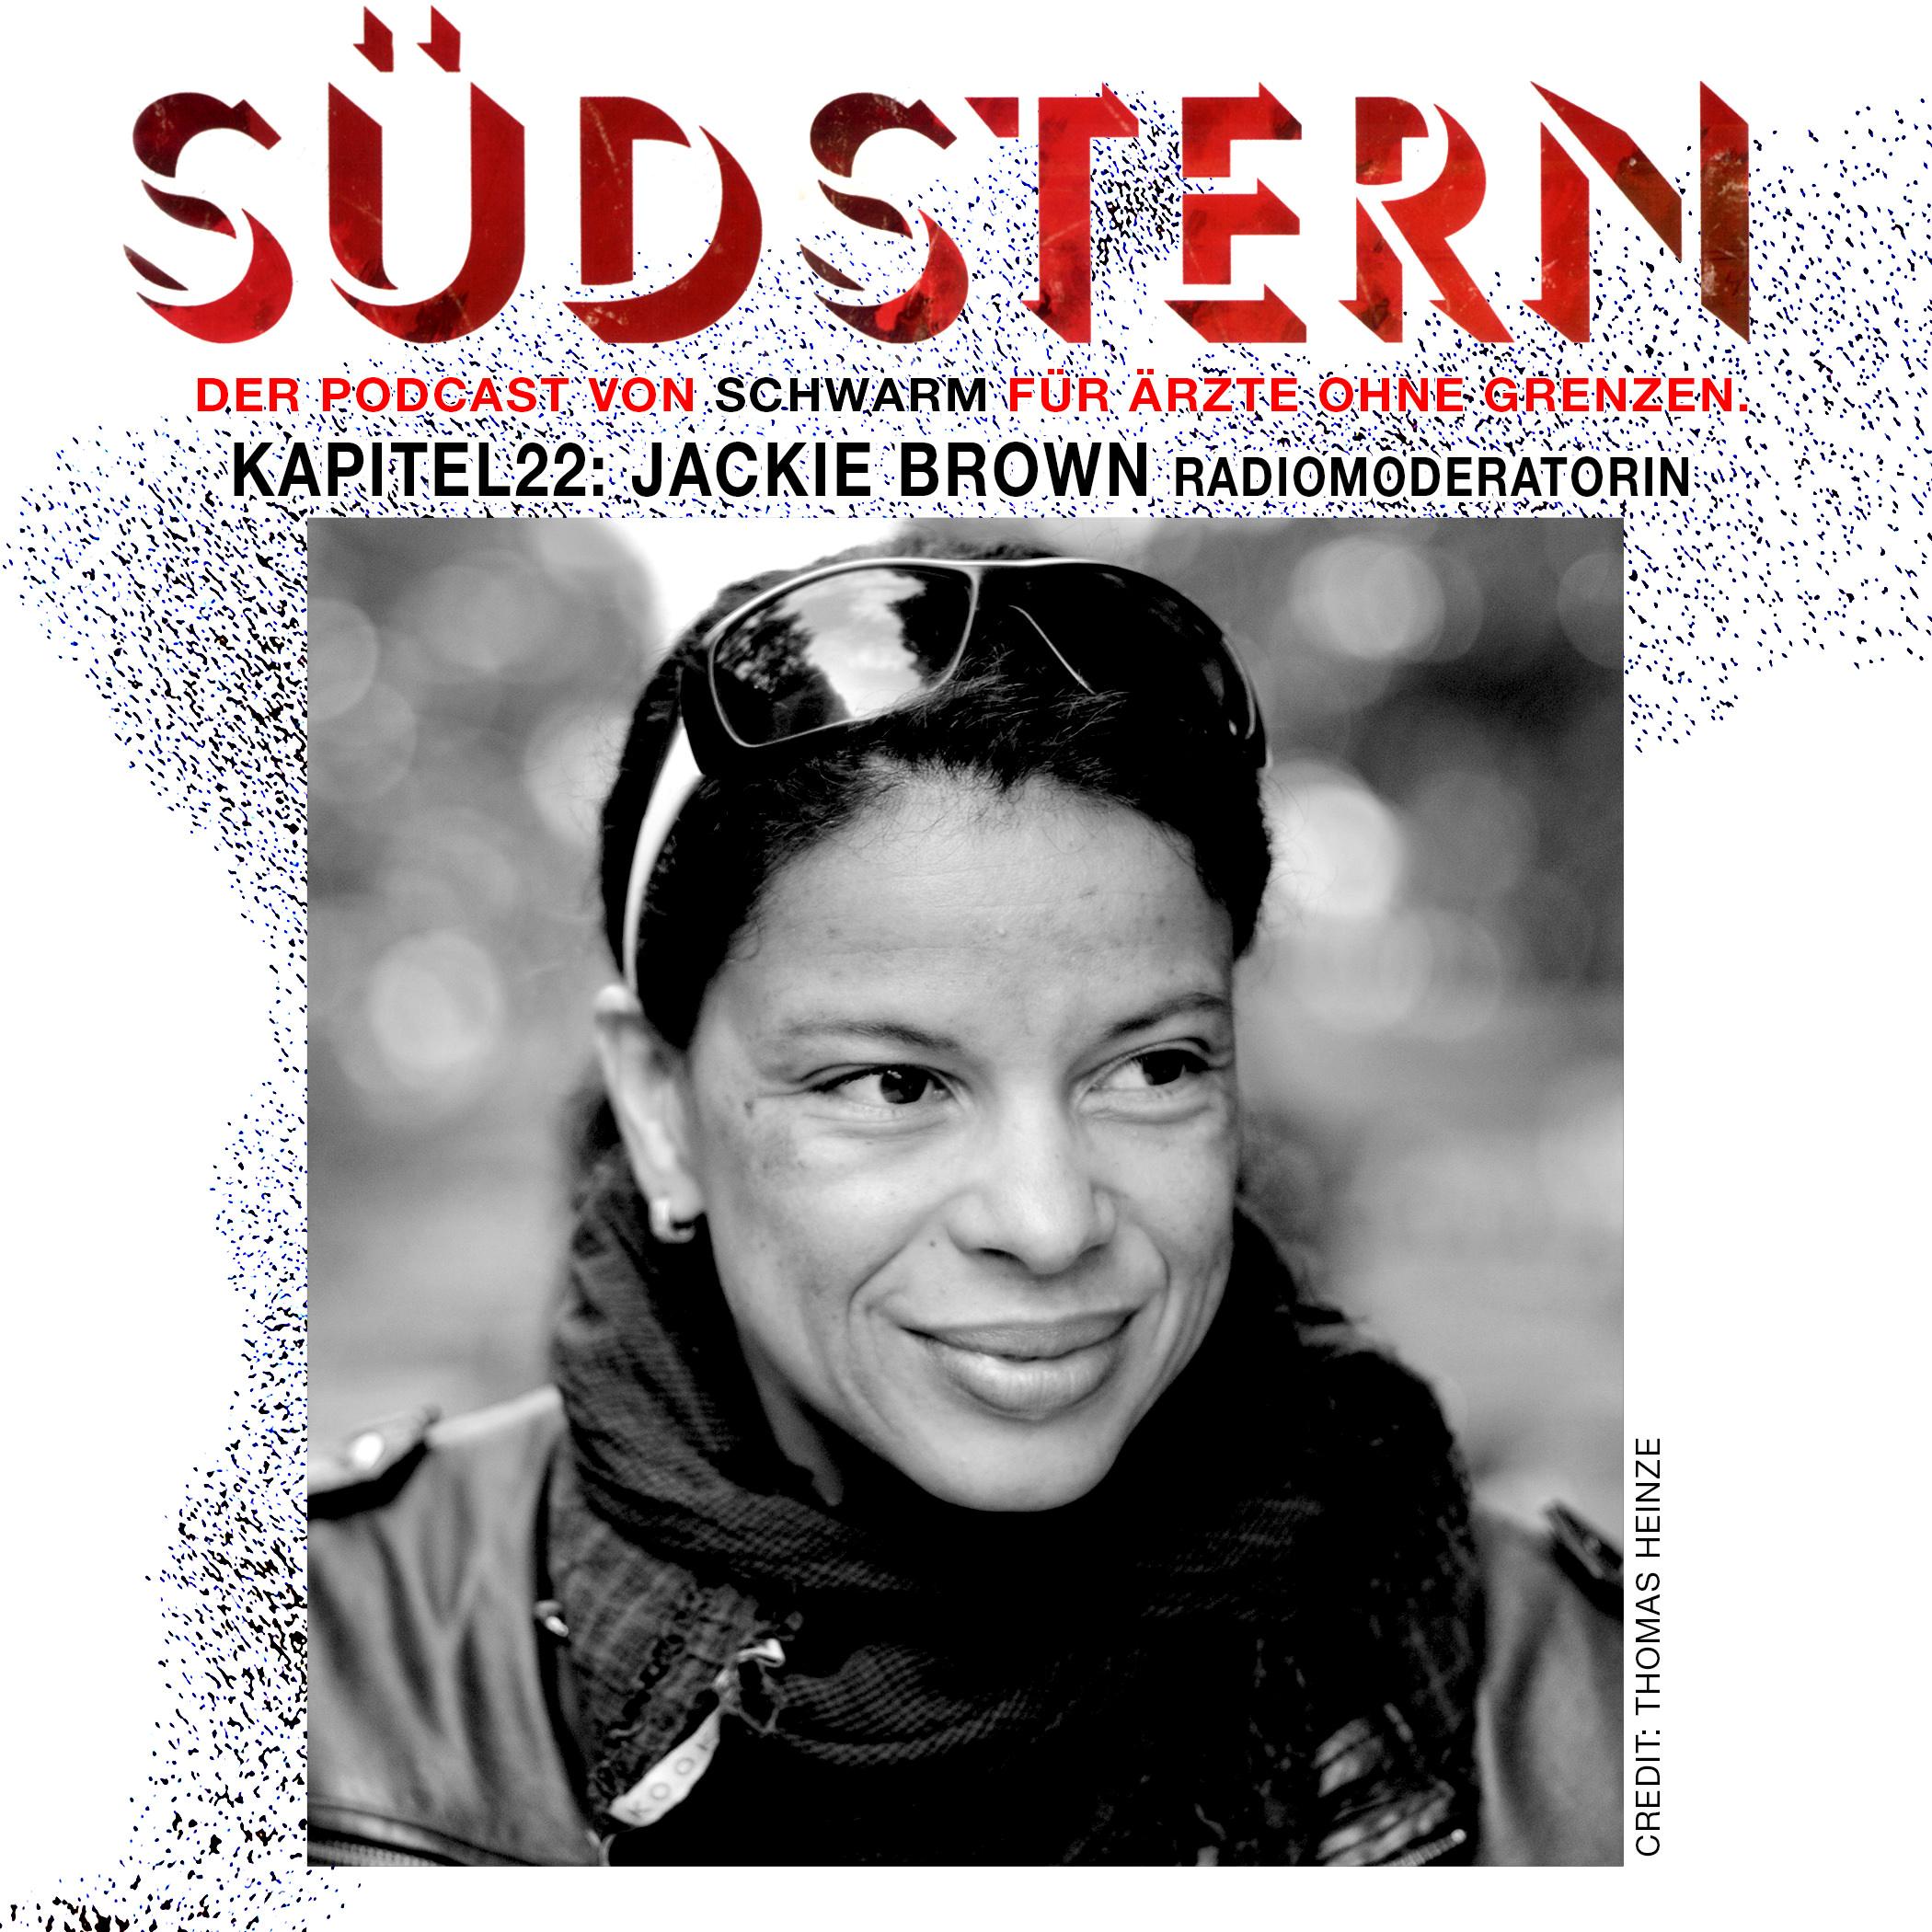 Kapitel 22 gelesen von Jackie Brown